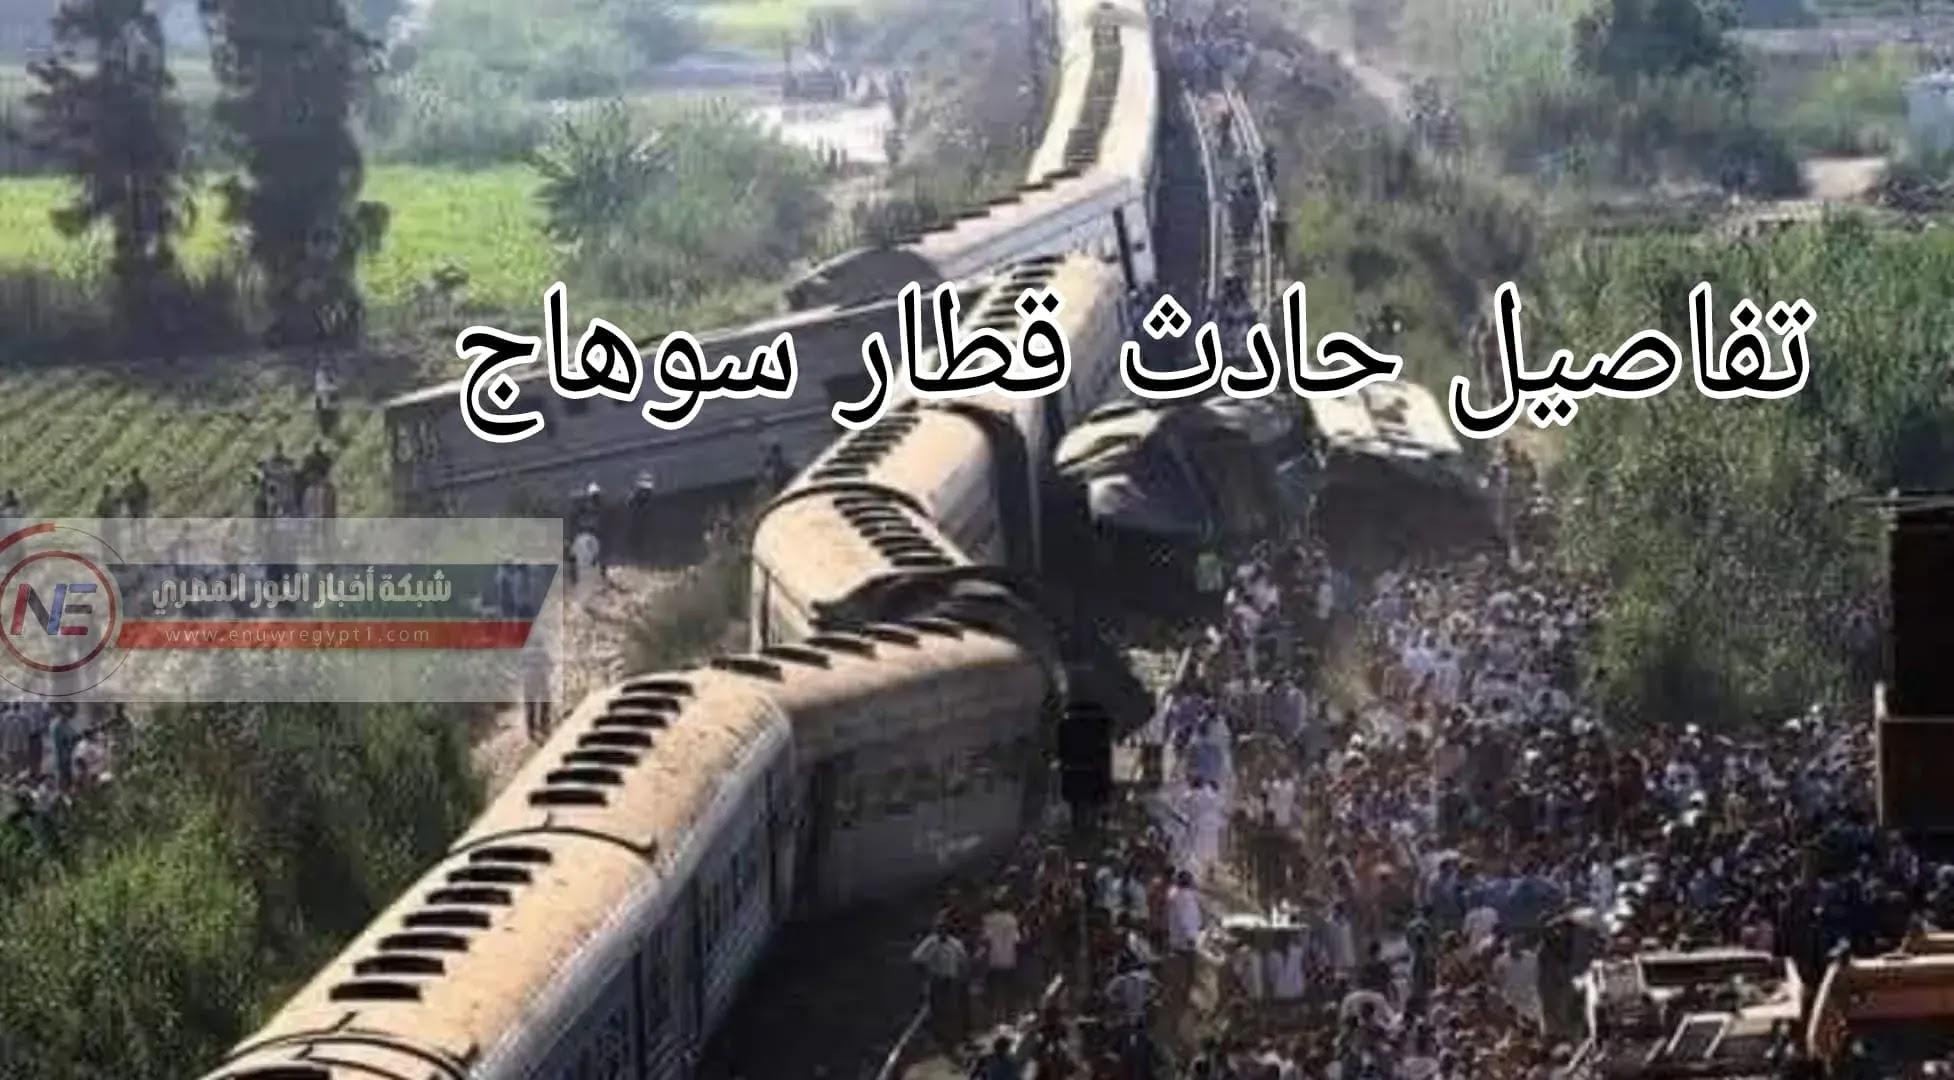 بالتفاصيل الشاملة | حادث قطار سوهاج | اسماء المصابين في حادث قطار سوهاج اليوم | لحظة تصادم قطار سوهاج